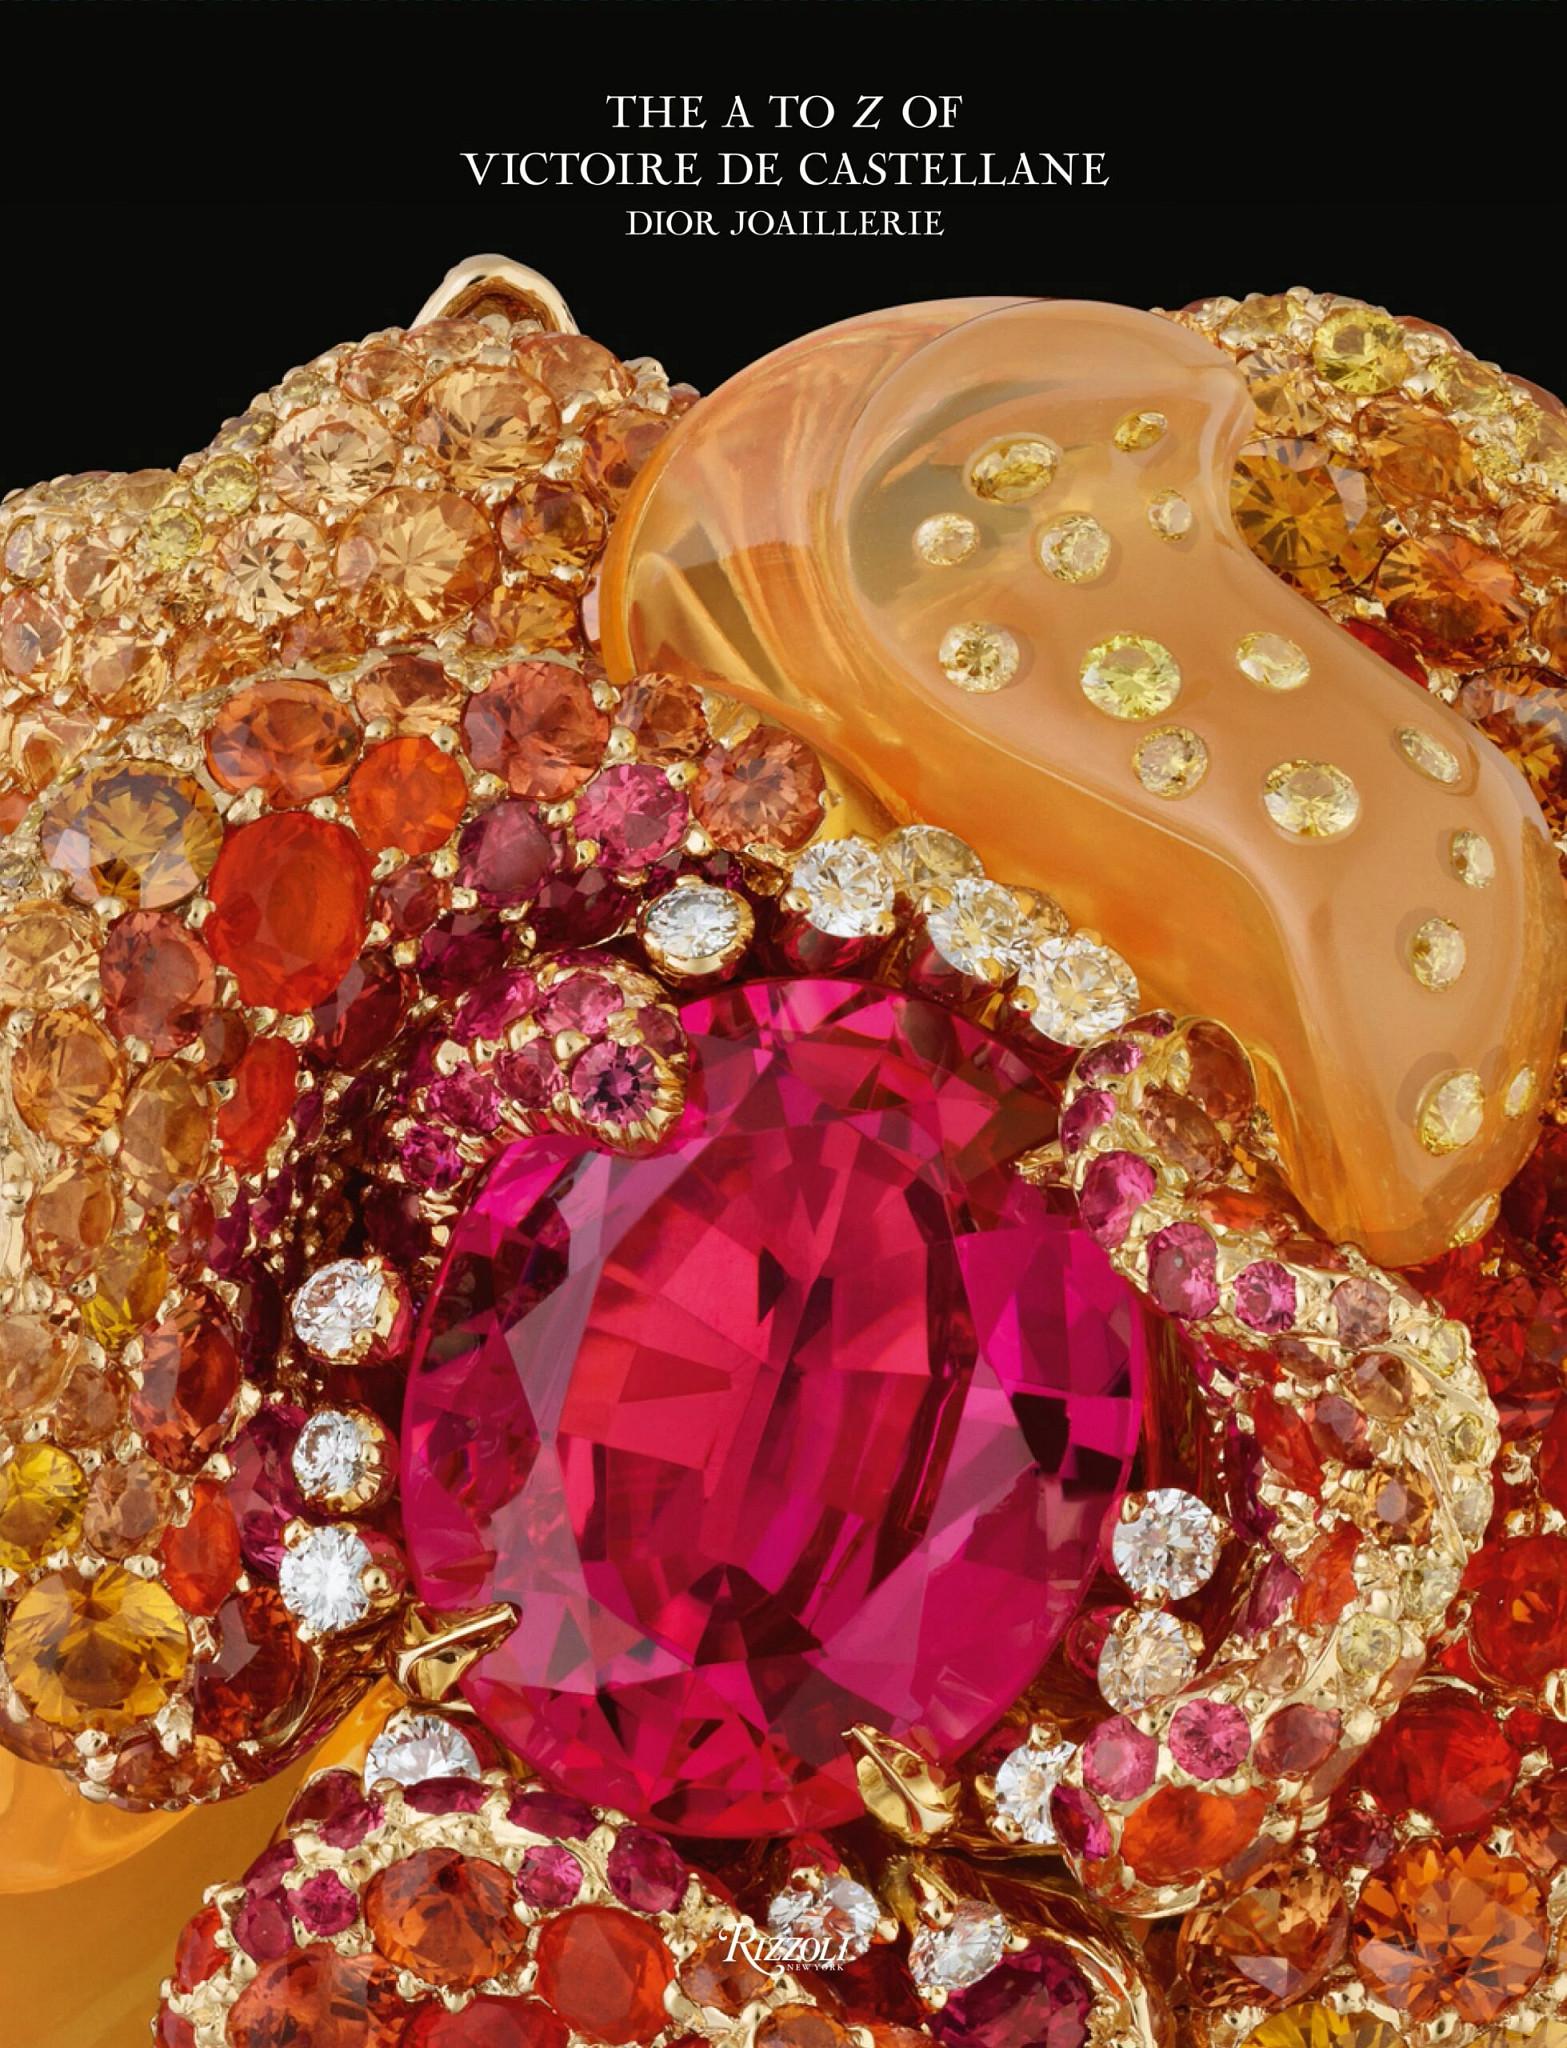 《维多利亚·德·卡斯特兰和她的迪奥高级珠宝》